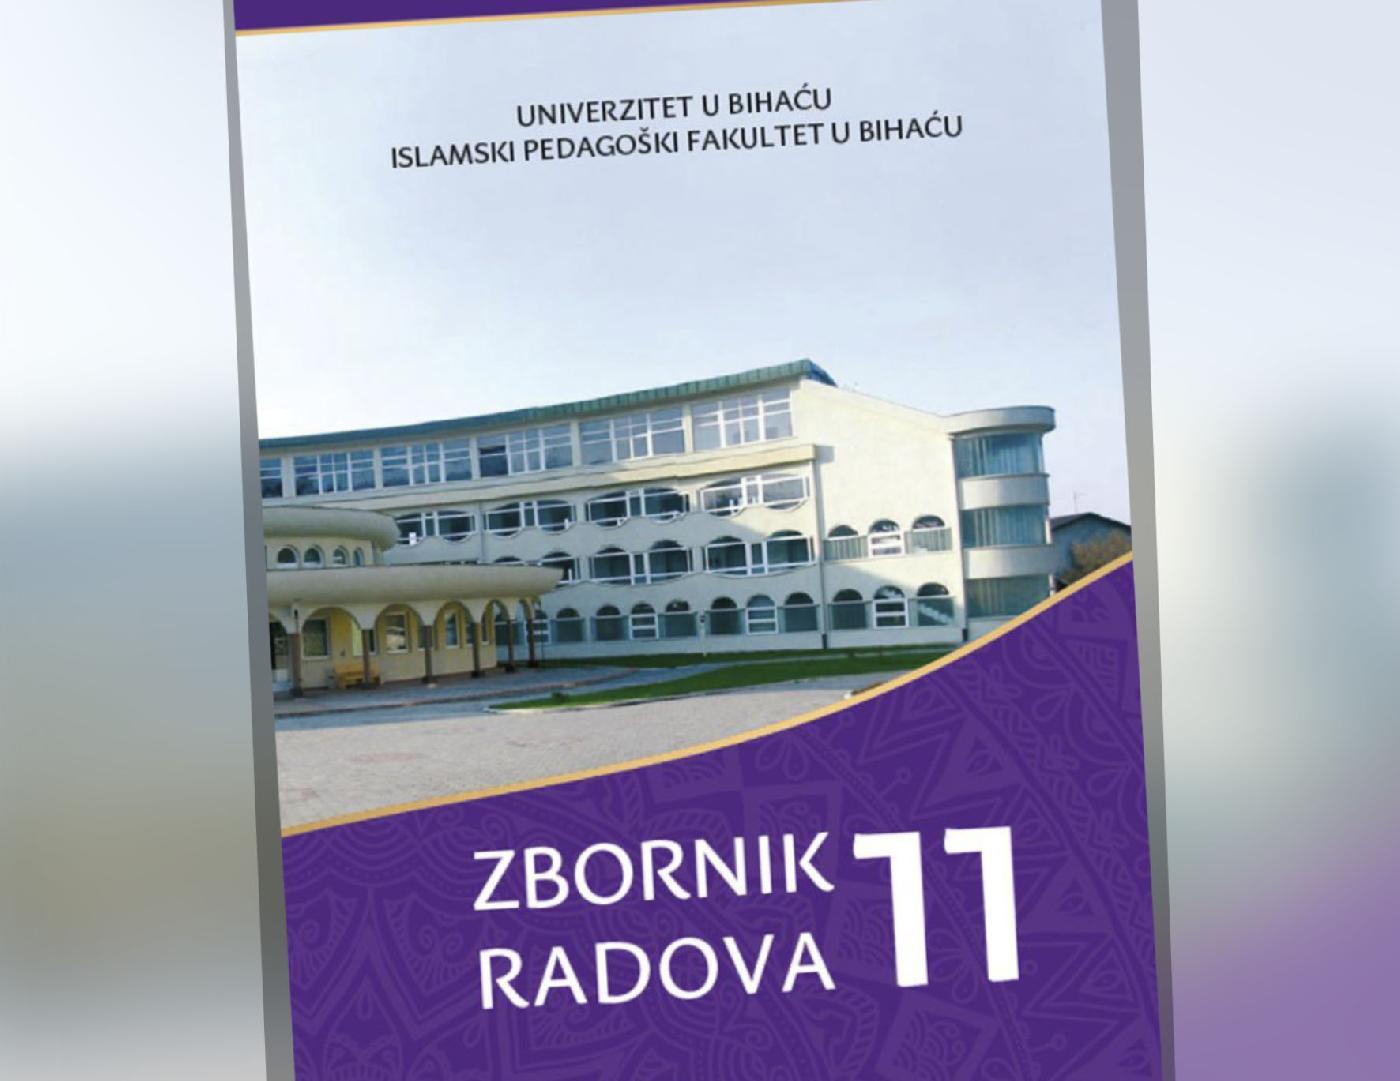 Objavljen jedanaesti Zbornik radova Islamskog pedagoškog fakulteta Univerziteta u Bihaću